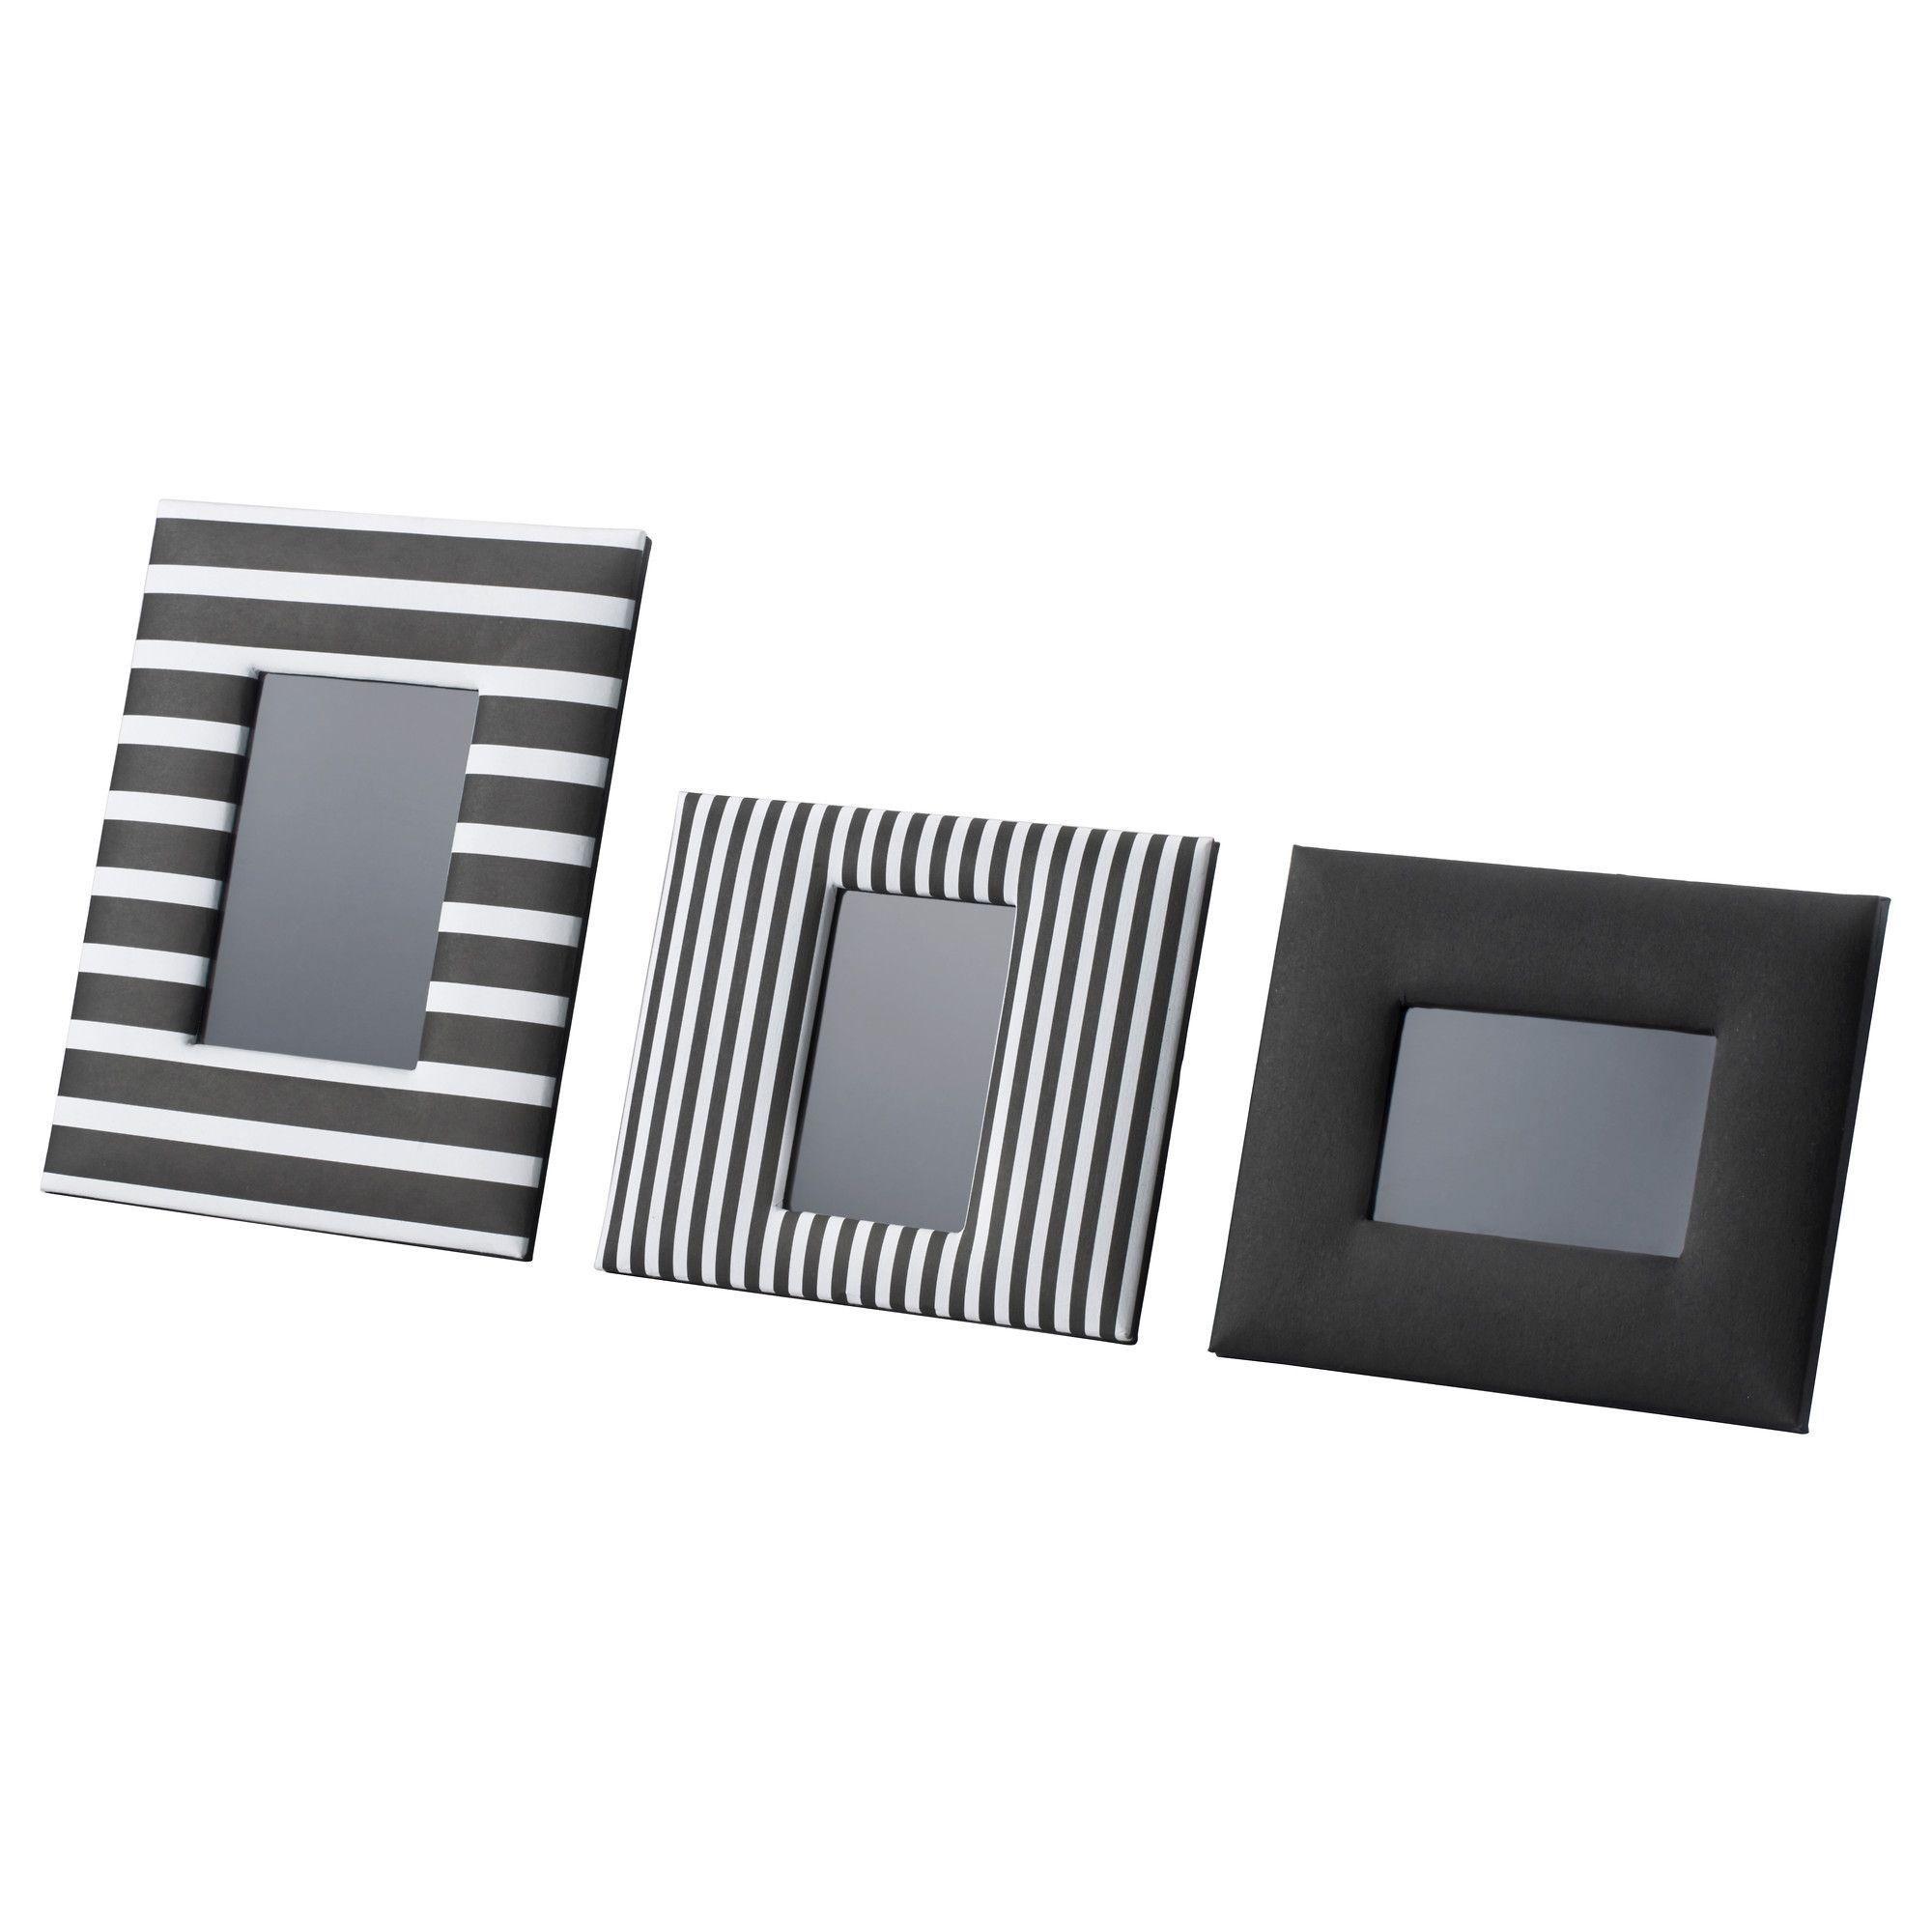 sarna frame set of 3 ikea get 1 set hallway and. Black Bedroom Furniture Sets. Home Design Ideas